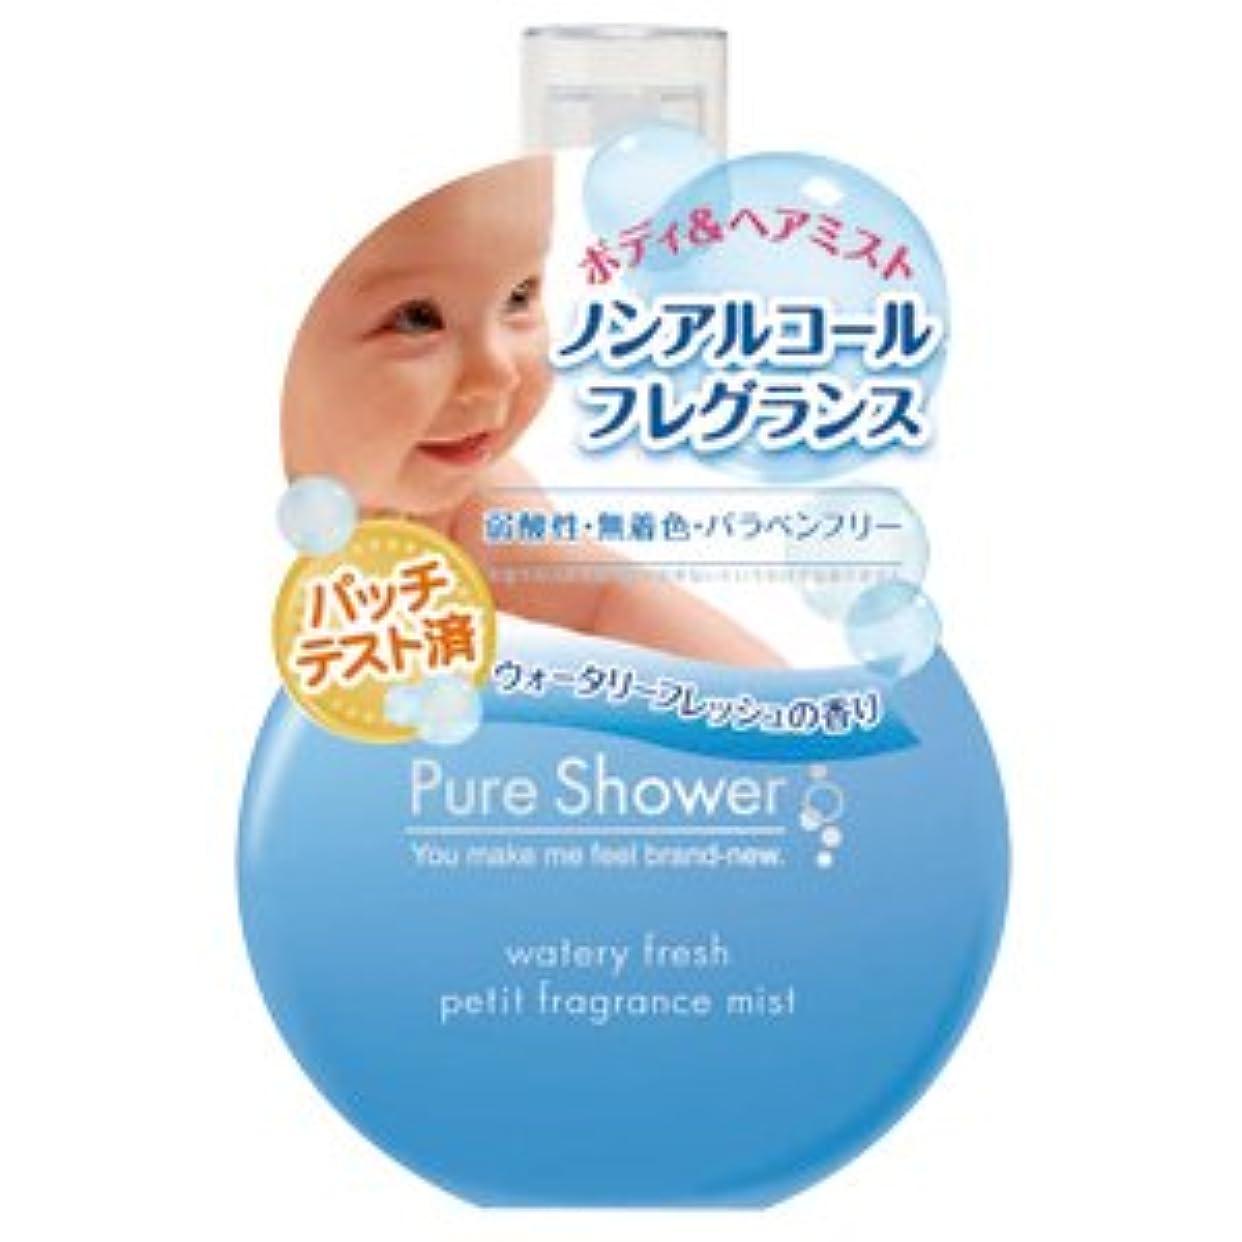 思慮深い知覚的ラベルピュアシャワー Pure Shower ノンアルコール フレグランスミスト ウォータリーフレッシュ 50ml